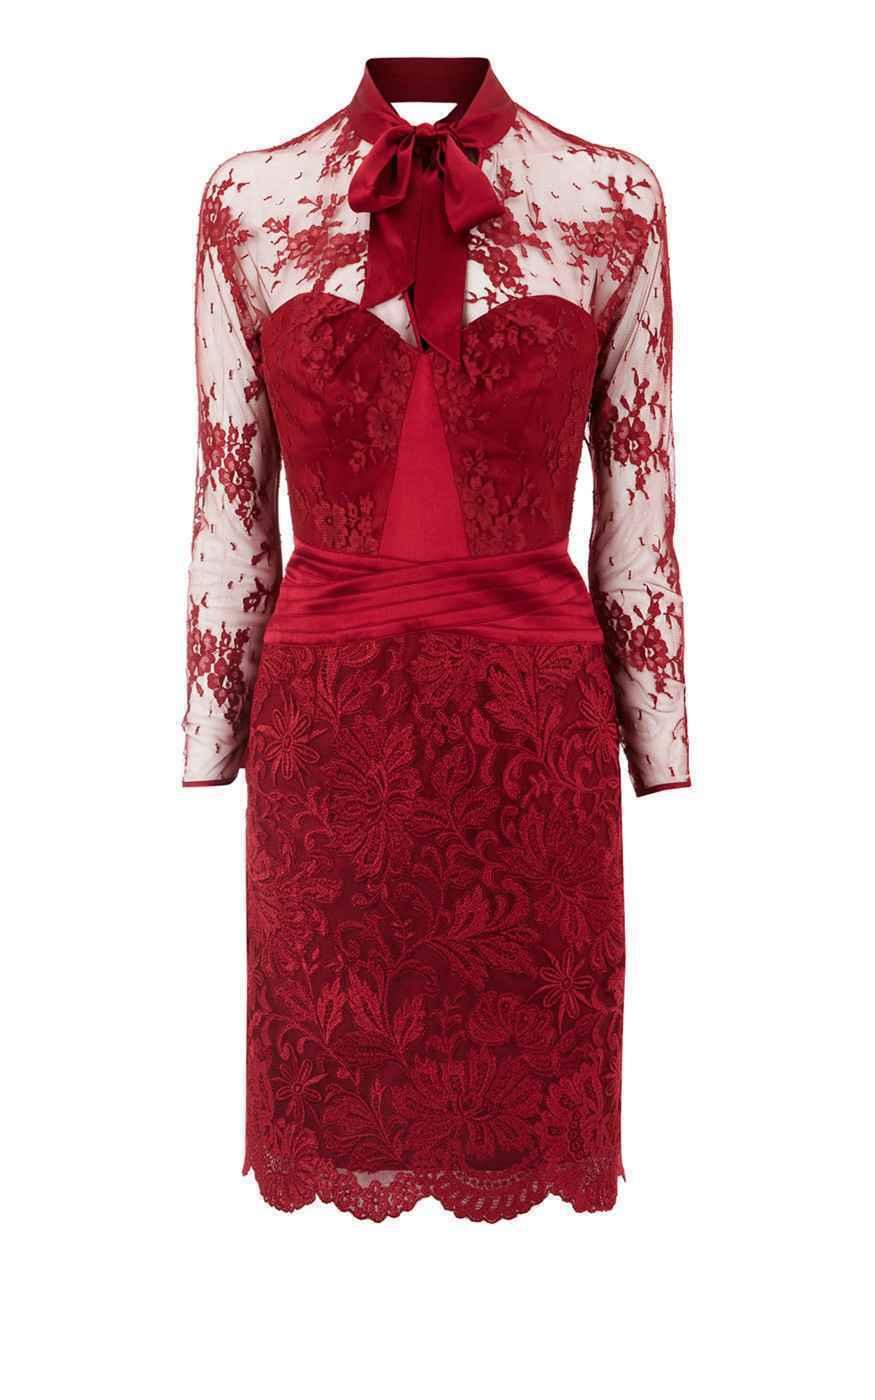 NUOVO NUOVO NUOVO  prezzo consigliato   Karen Millen Edizione Limitata Rosso Raso e Pizzo Pussy Bow Dress 8 0104b0